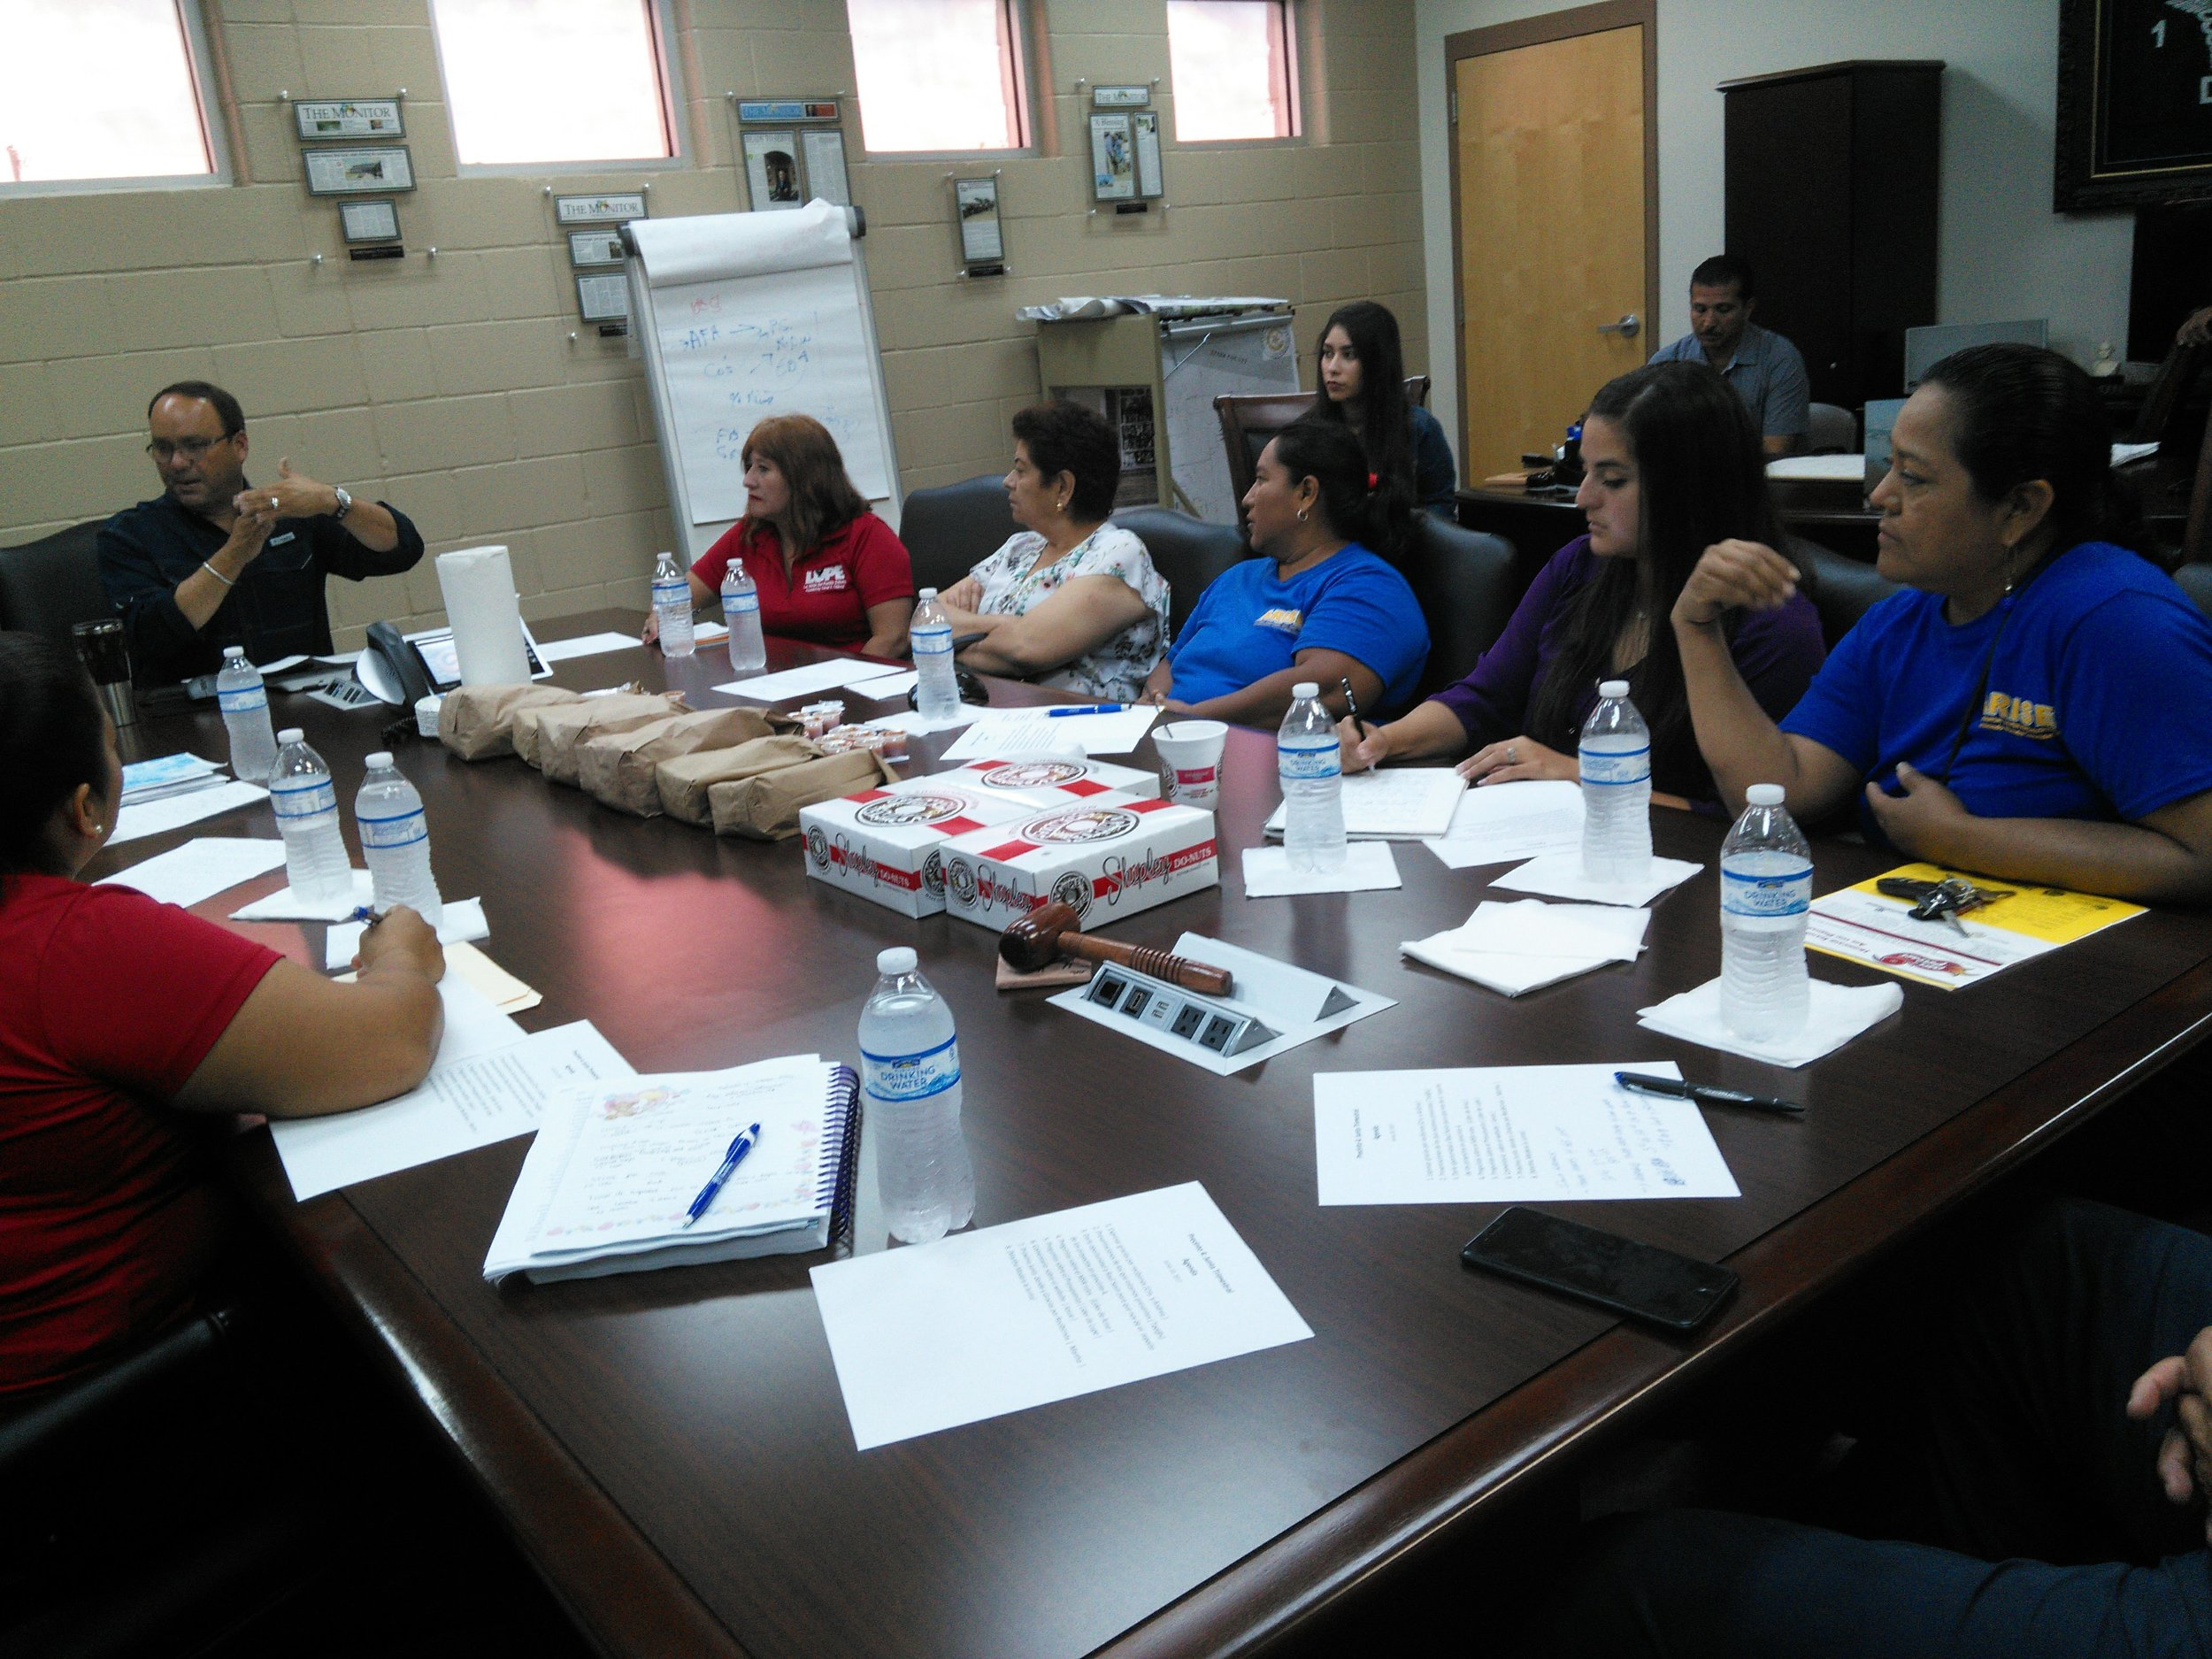 Una de las reuniones trimestrales de ARISE que tenemos en cada recinto con su respectivo comisionado a lo largo de Raul Sesin (Director Principal / Gerente General del Distrito de Drenaje 1). En esta foto usted puede ver al comisionado Joseph Palacios del precinto 4 en un diálogo con los residentes de Colonia.